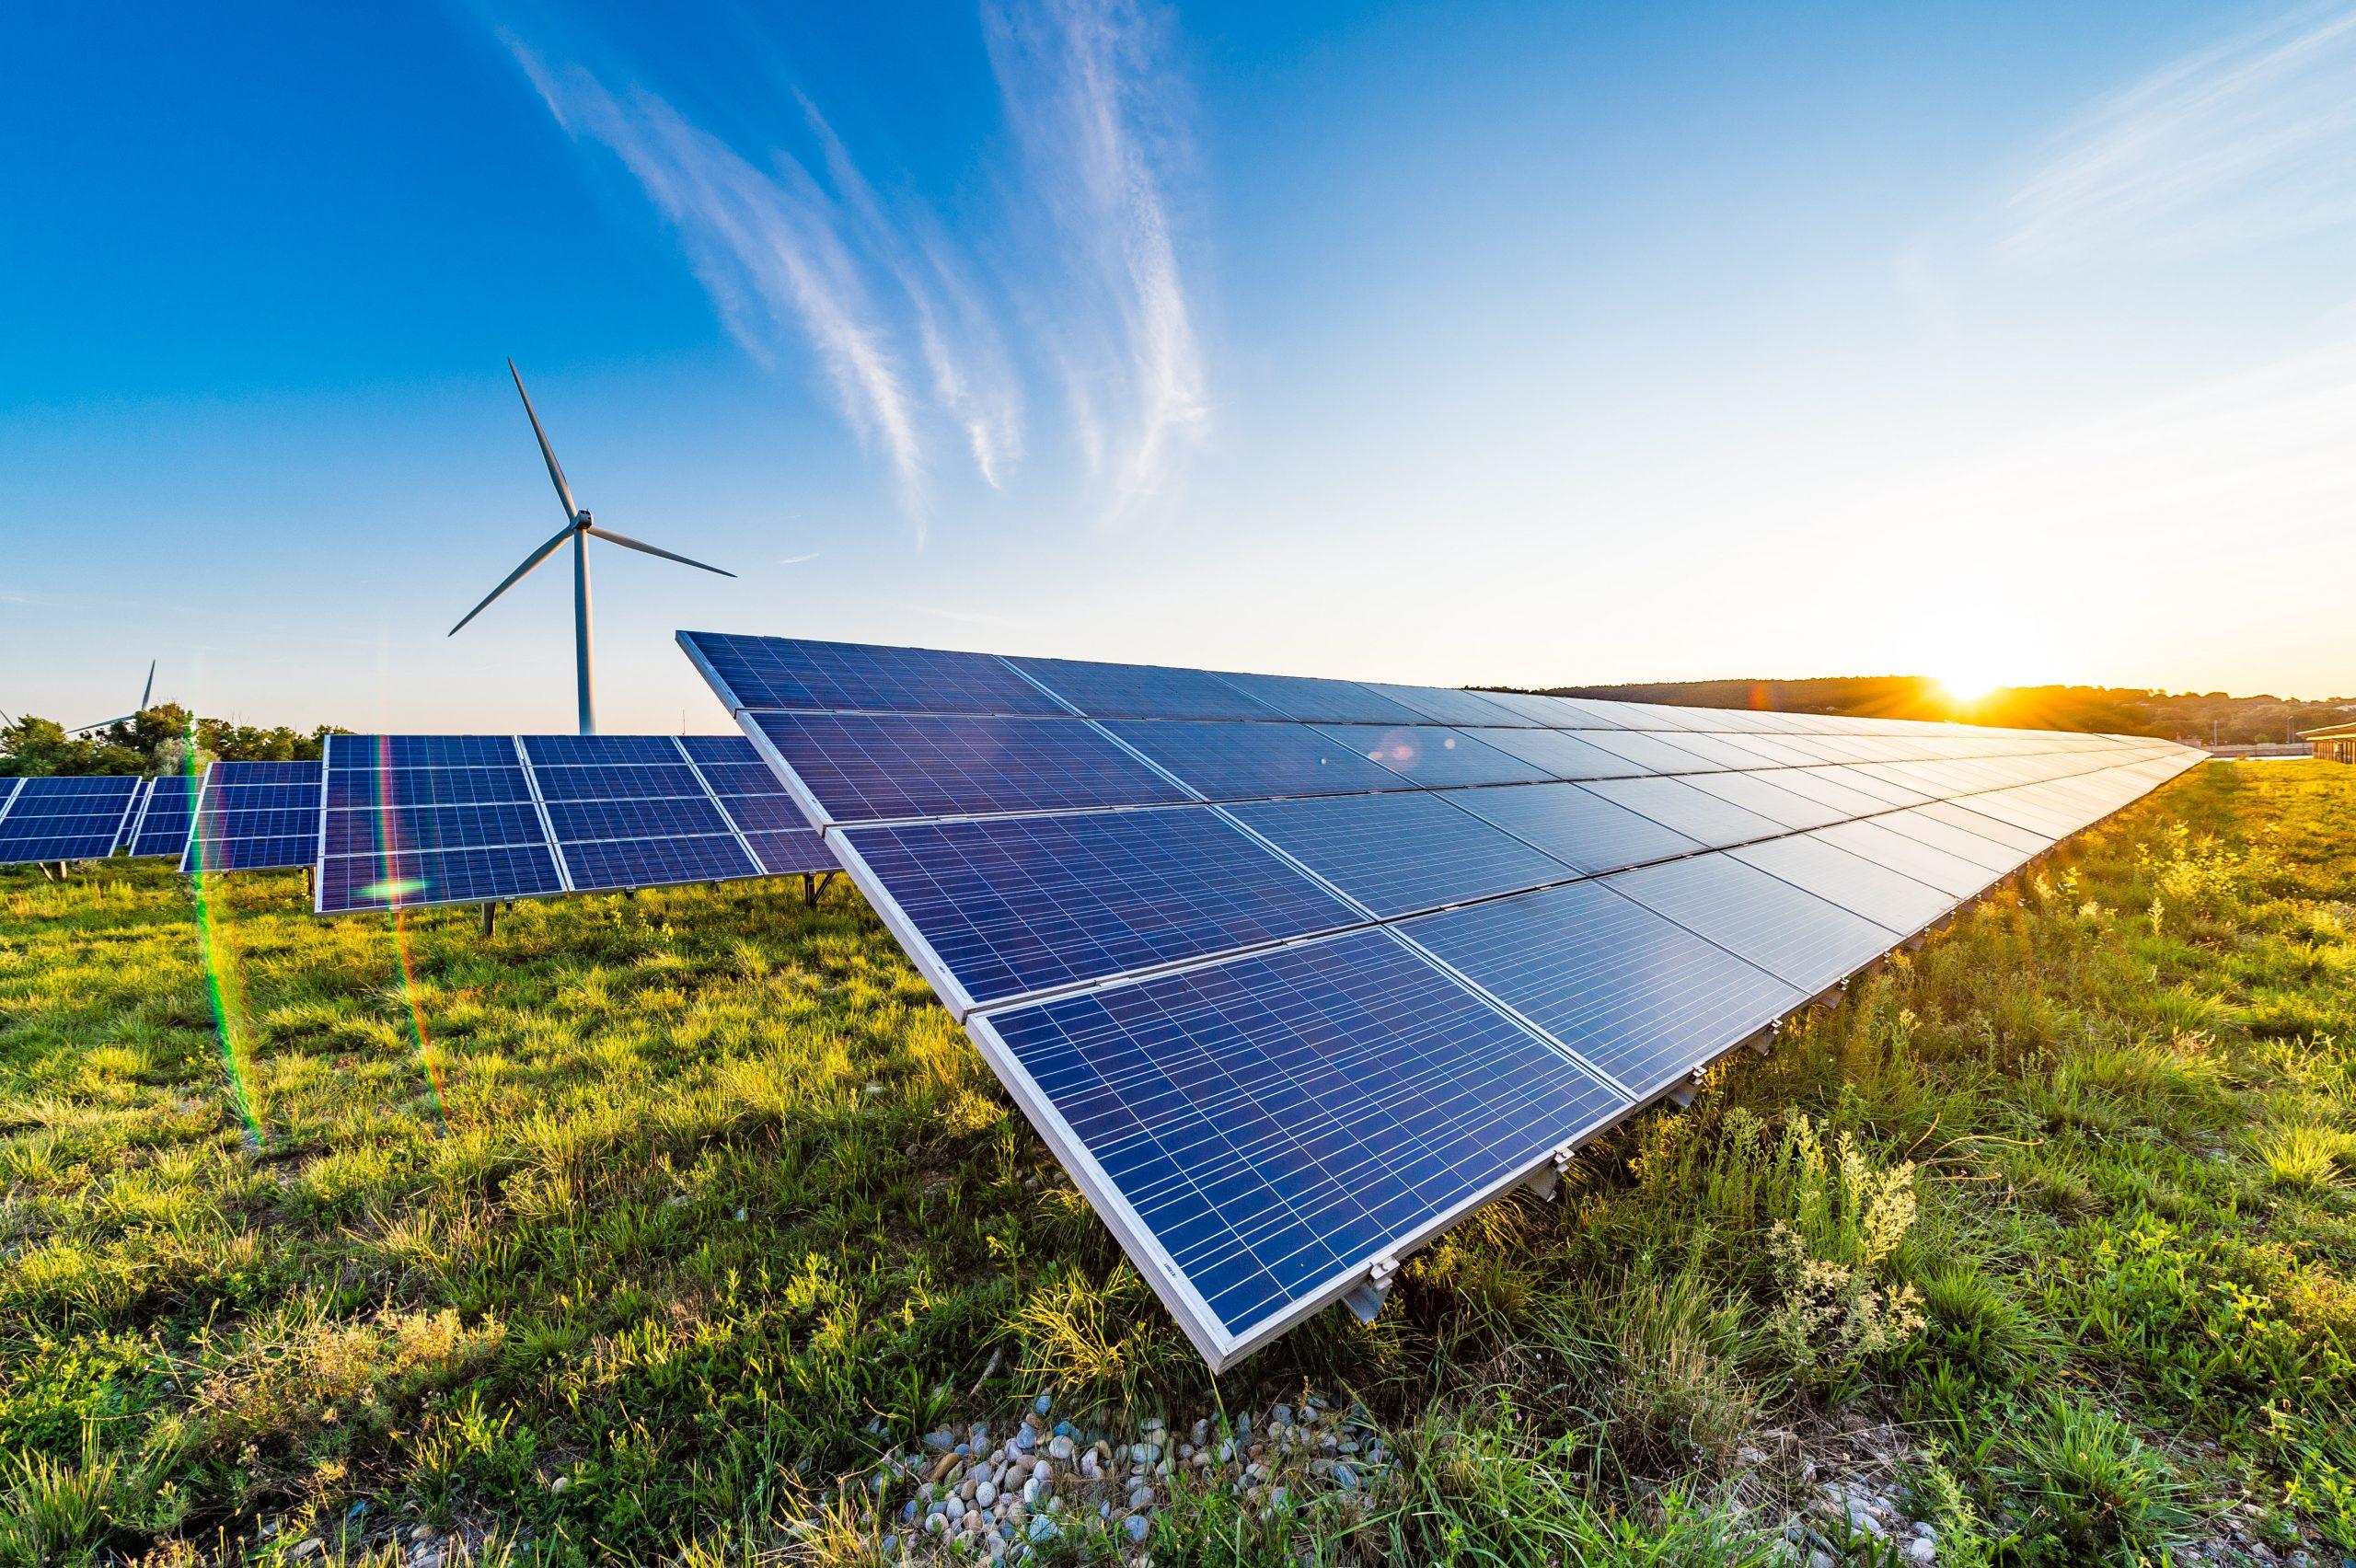 المحطات الشمسية - الطاقة المتجددة تحول الطاقة - الطاقة الشمسية